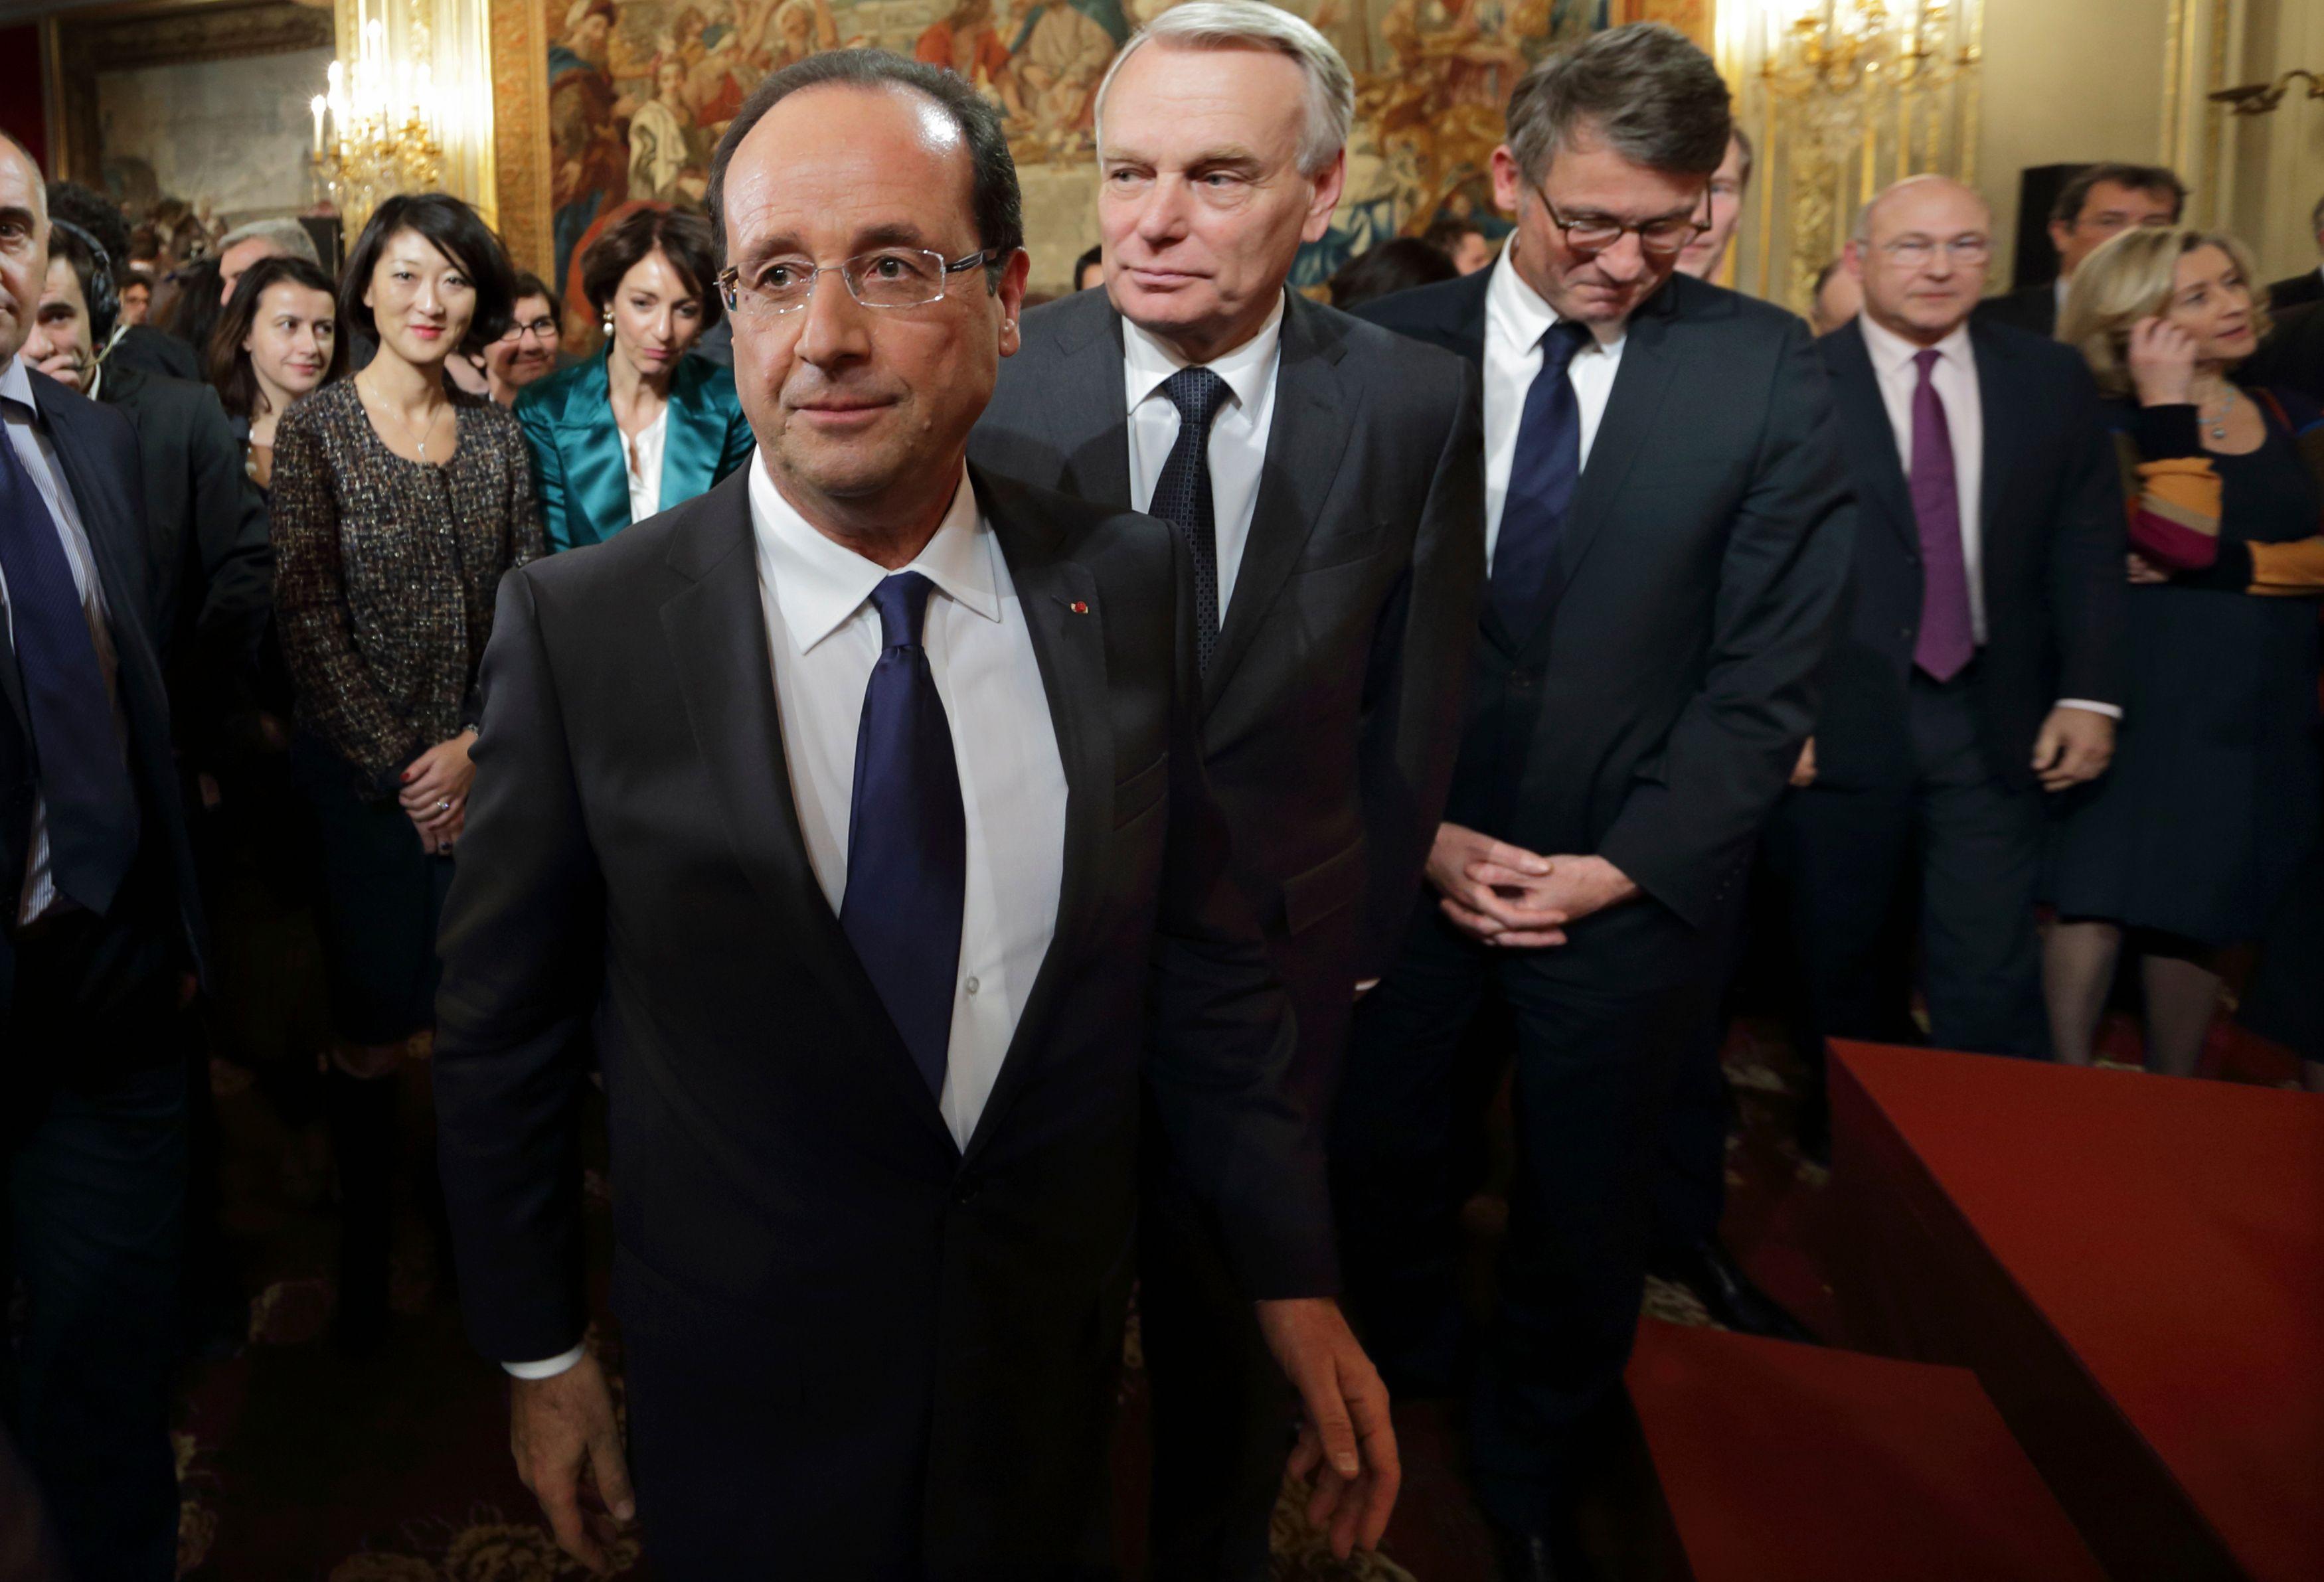 La gauche du président Hollande s'inspire-t-elle du social-libéralisme par conviction ou par défaut ?